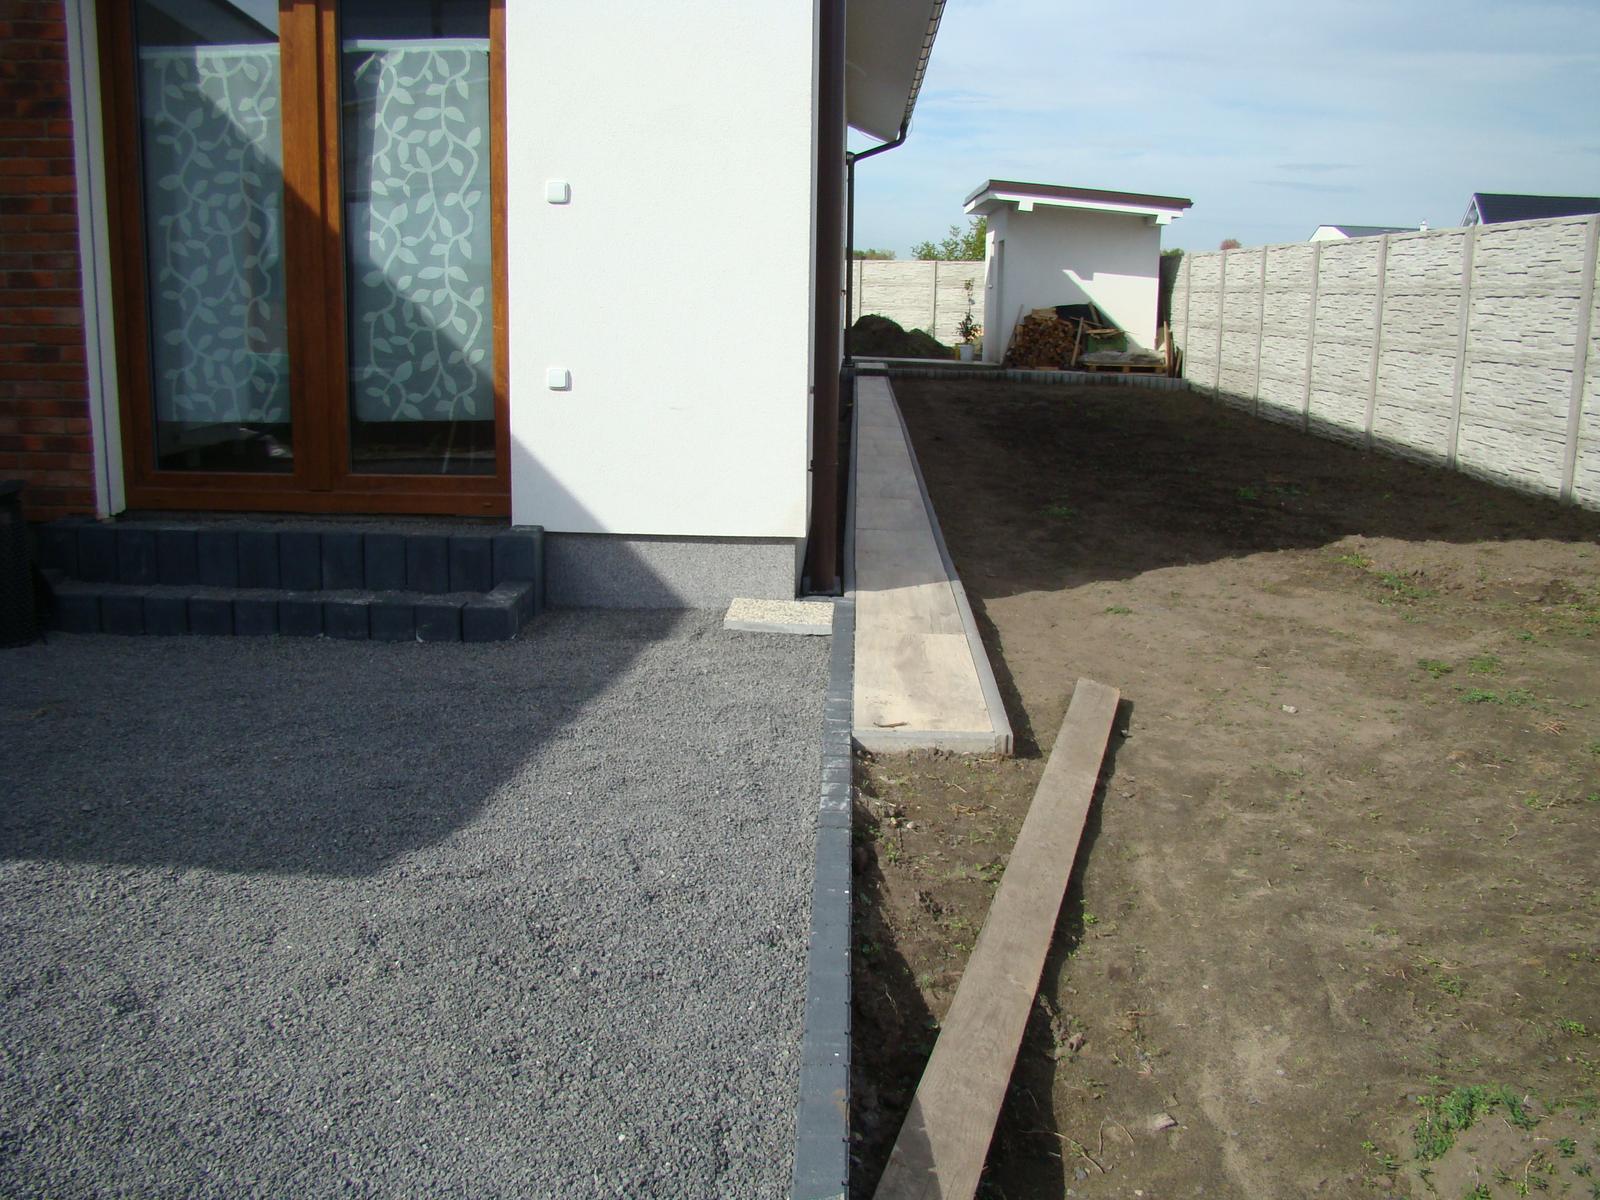 Terasa k domu - Prepojovací chodník hlavnej a zadnej terasy po položení dlažby. Dlažba na zadnej terase ešte nie je položená.